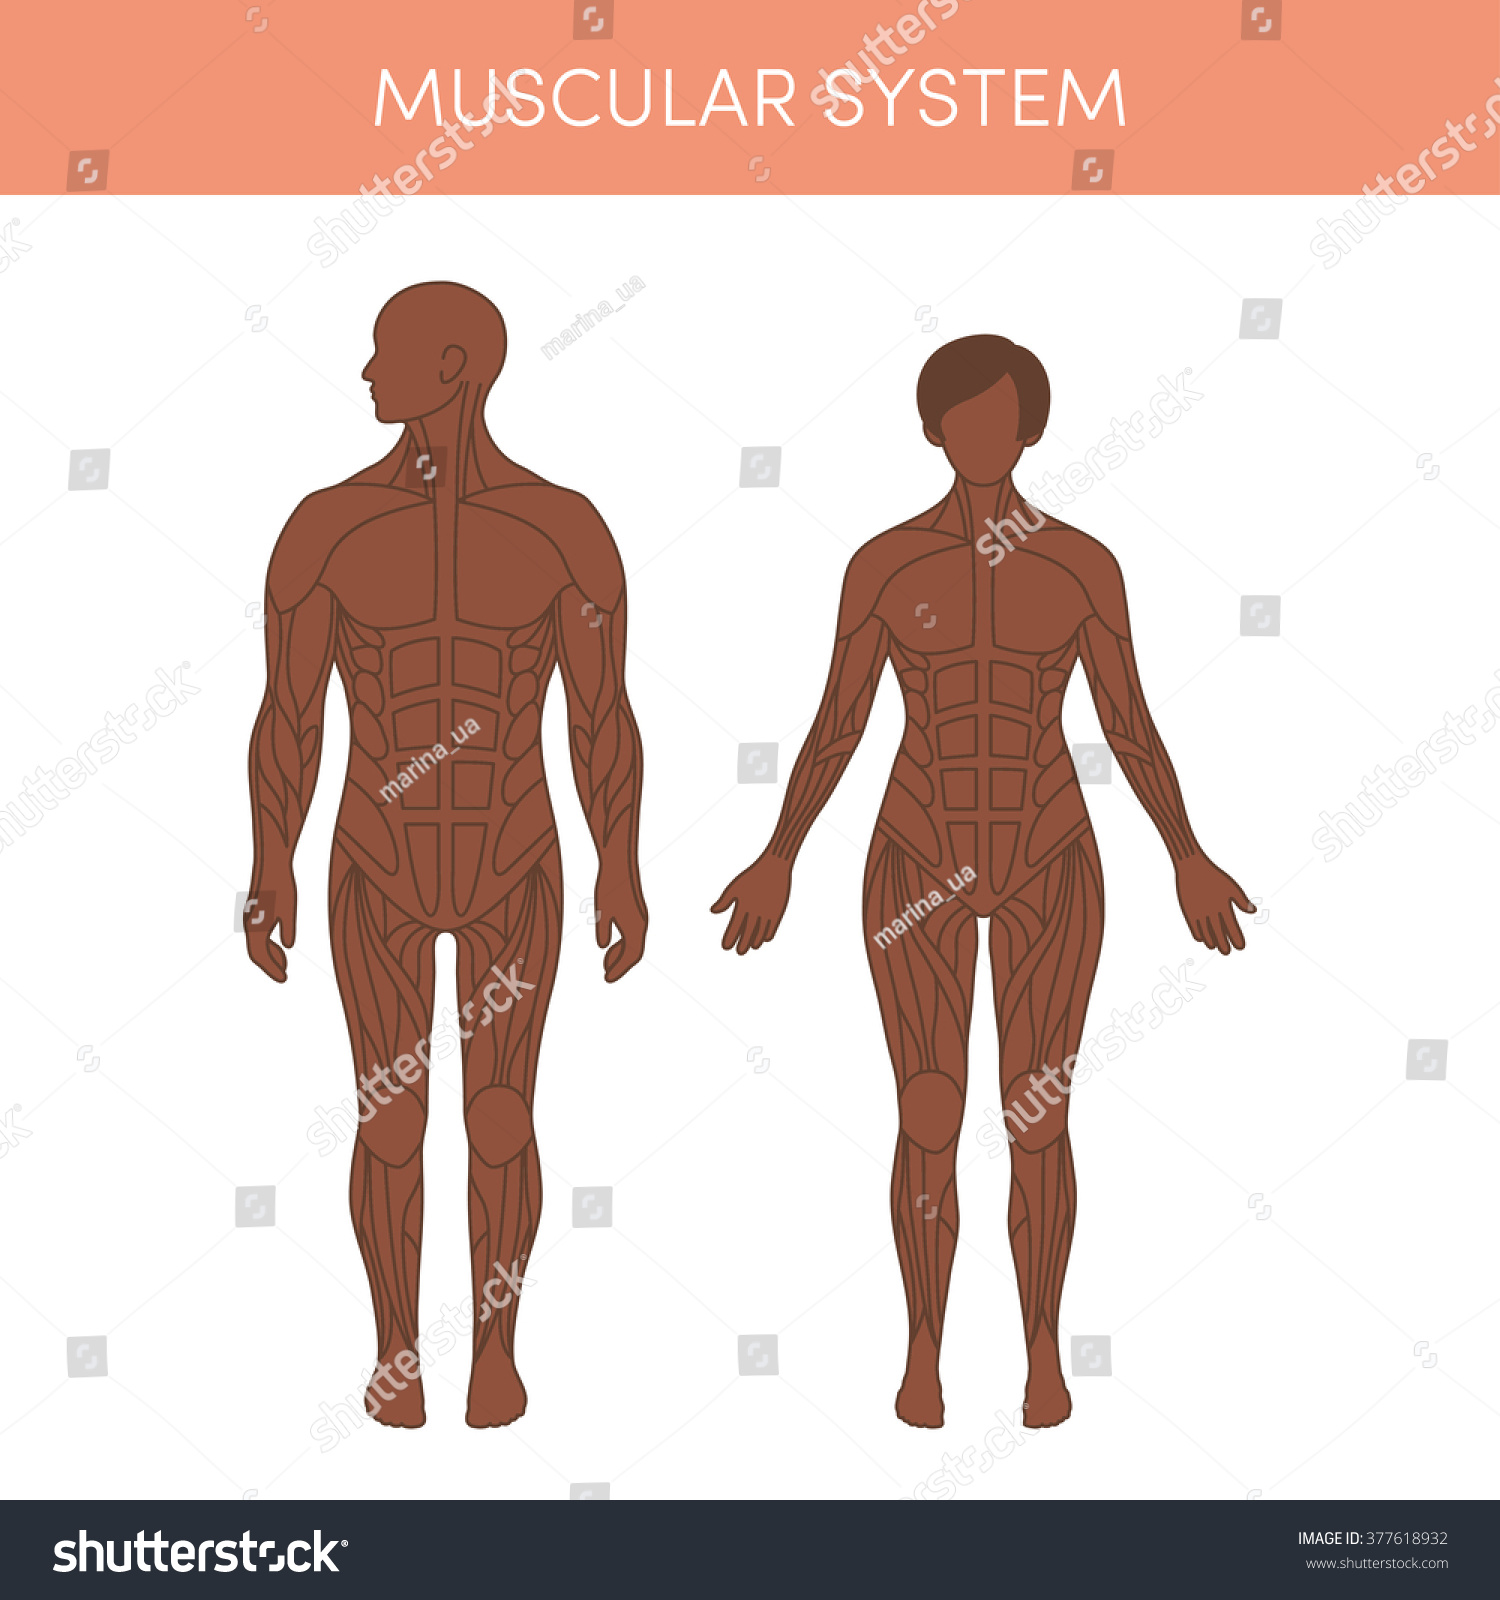 Muscular System Human Cartoon Vector Illustration Vector de ...